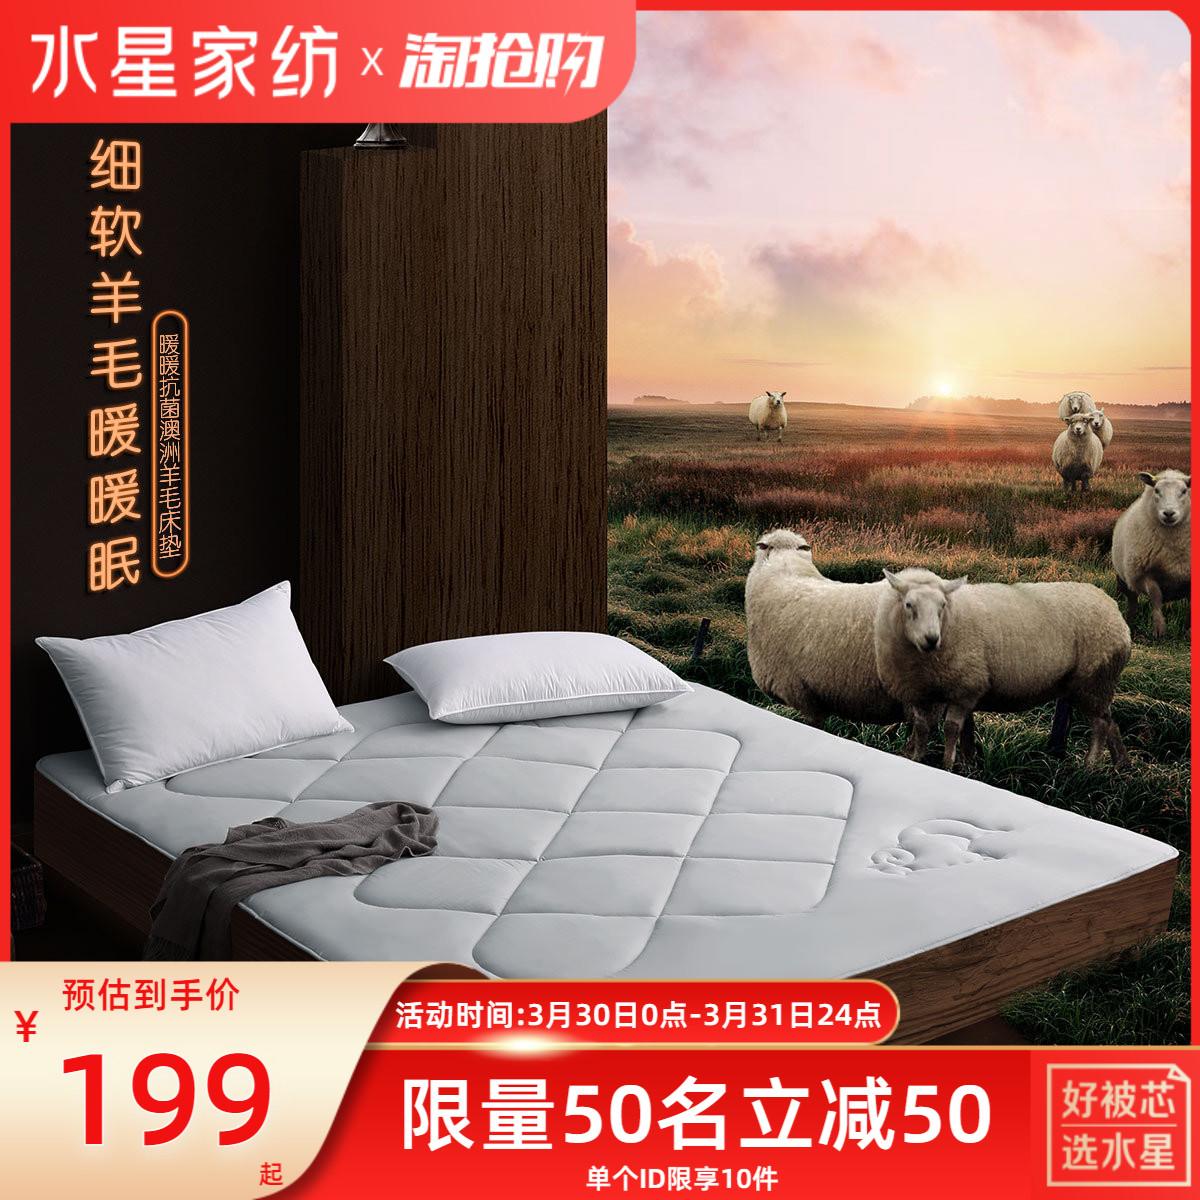 水星家纺澳洲抗菌羊毛床褥子床垫评价如何